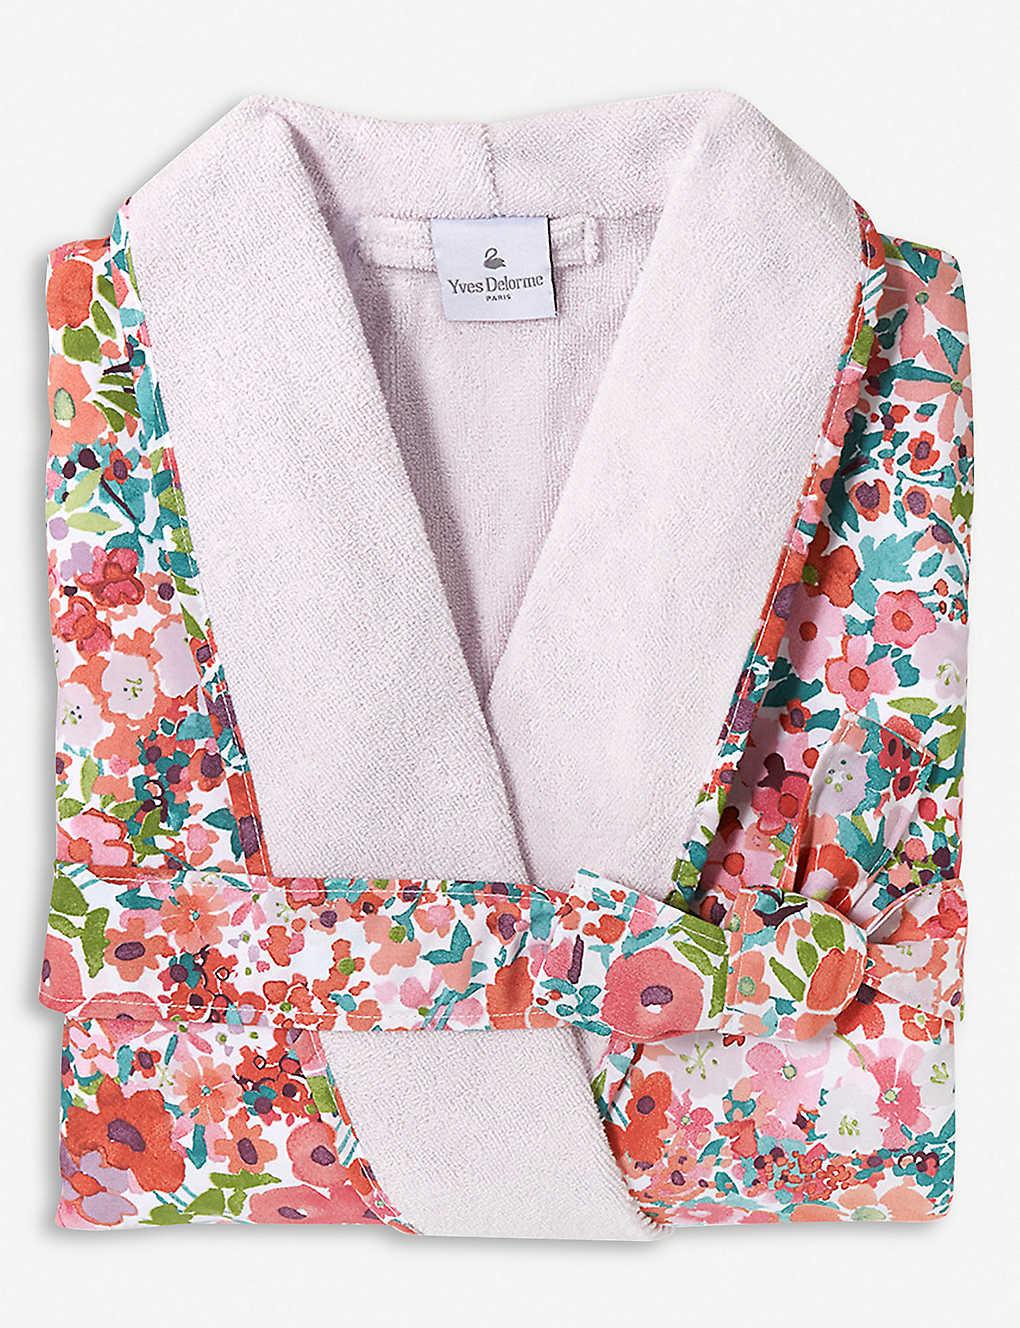 YVES DELORME - Milfiori Grenade cotton bathrobe  7d4ed7a73